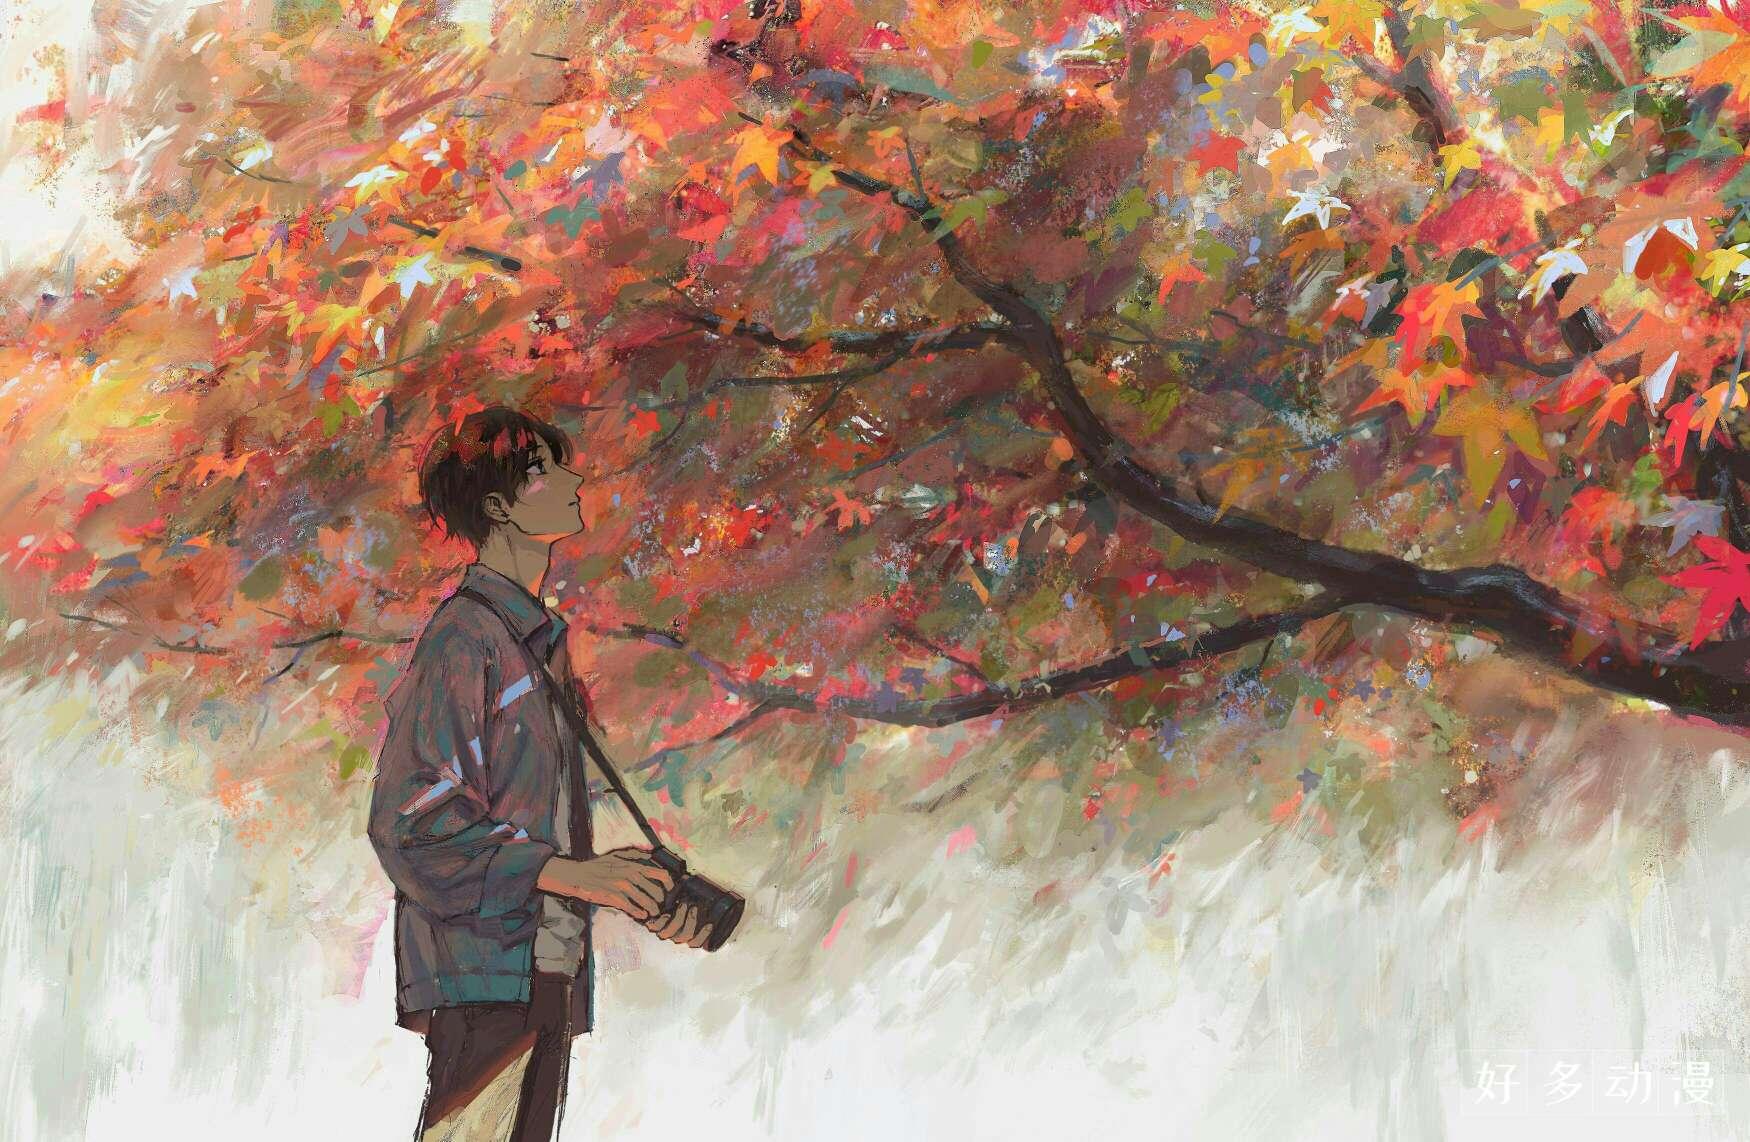 【美图】~にじげん~次元の美图~No18